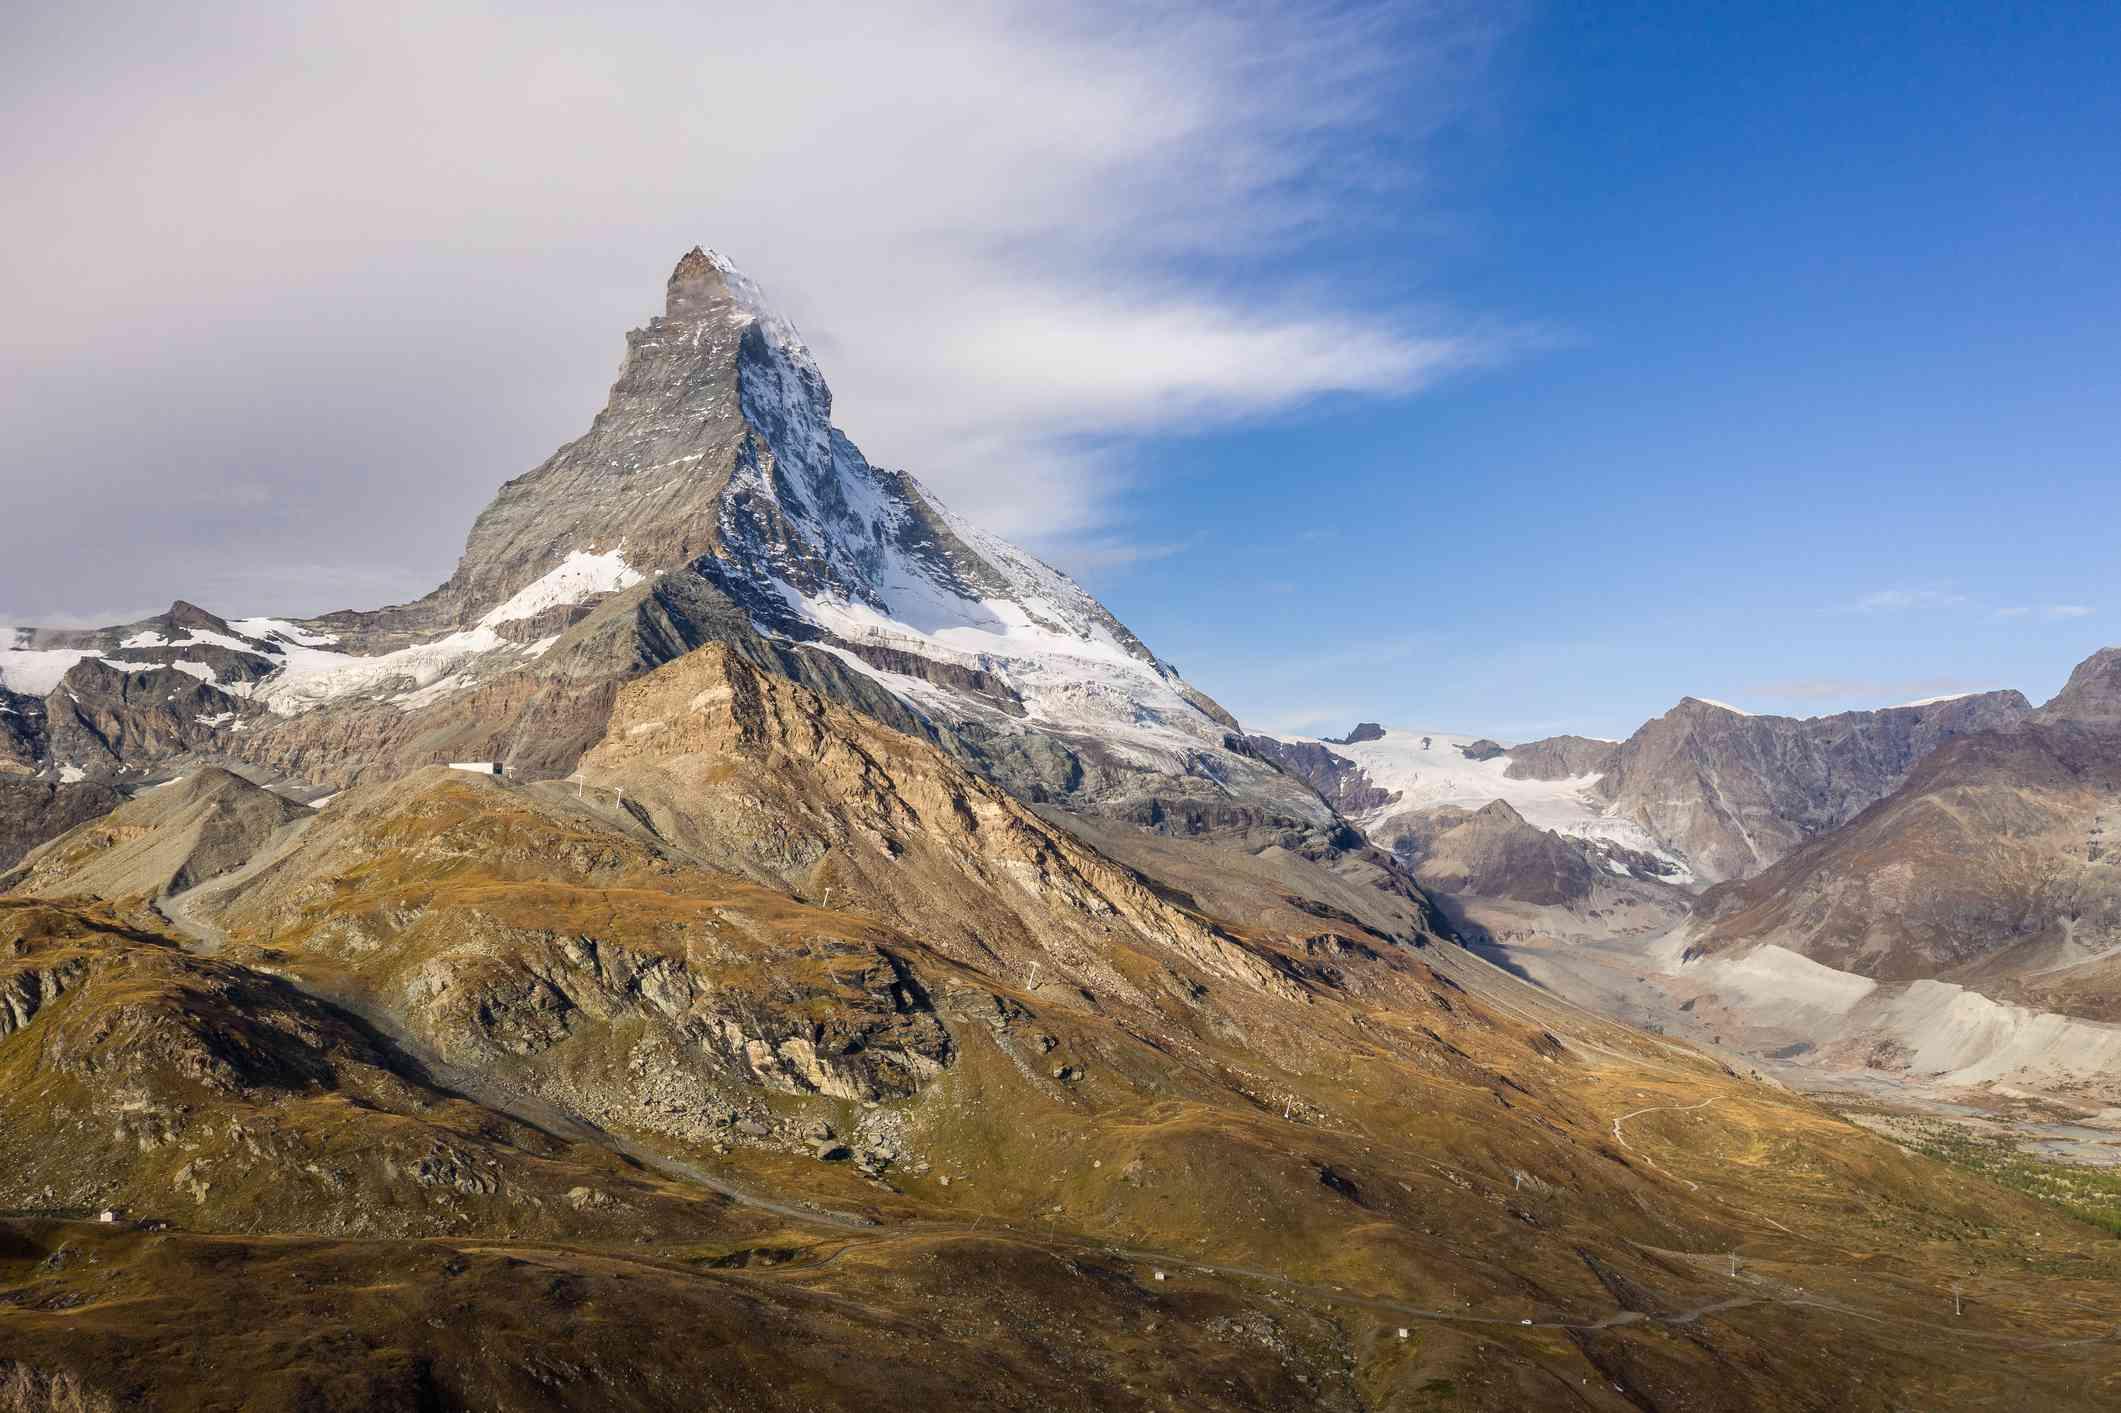 Dramatic aerial view of the iconic Matterhorn peak above Zermatt, Switzerland